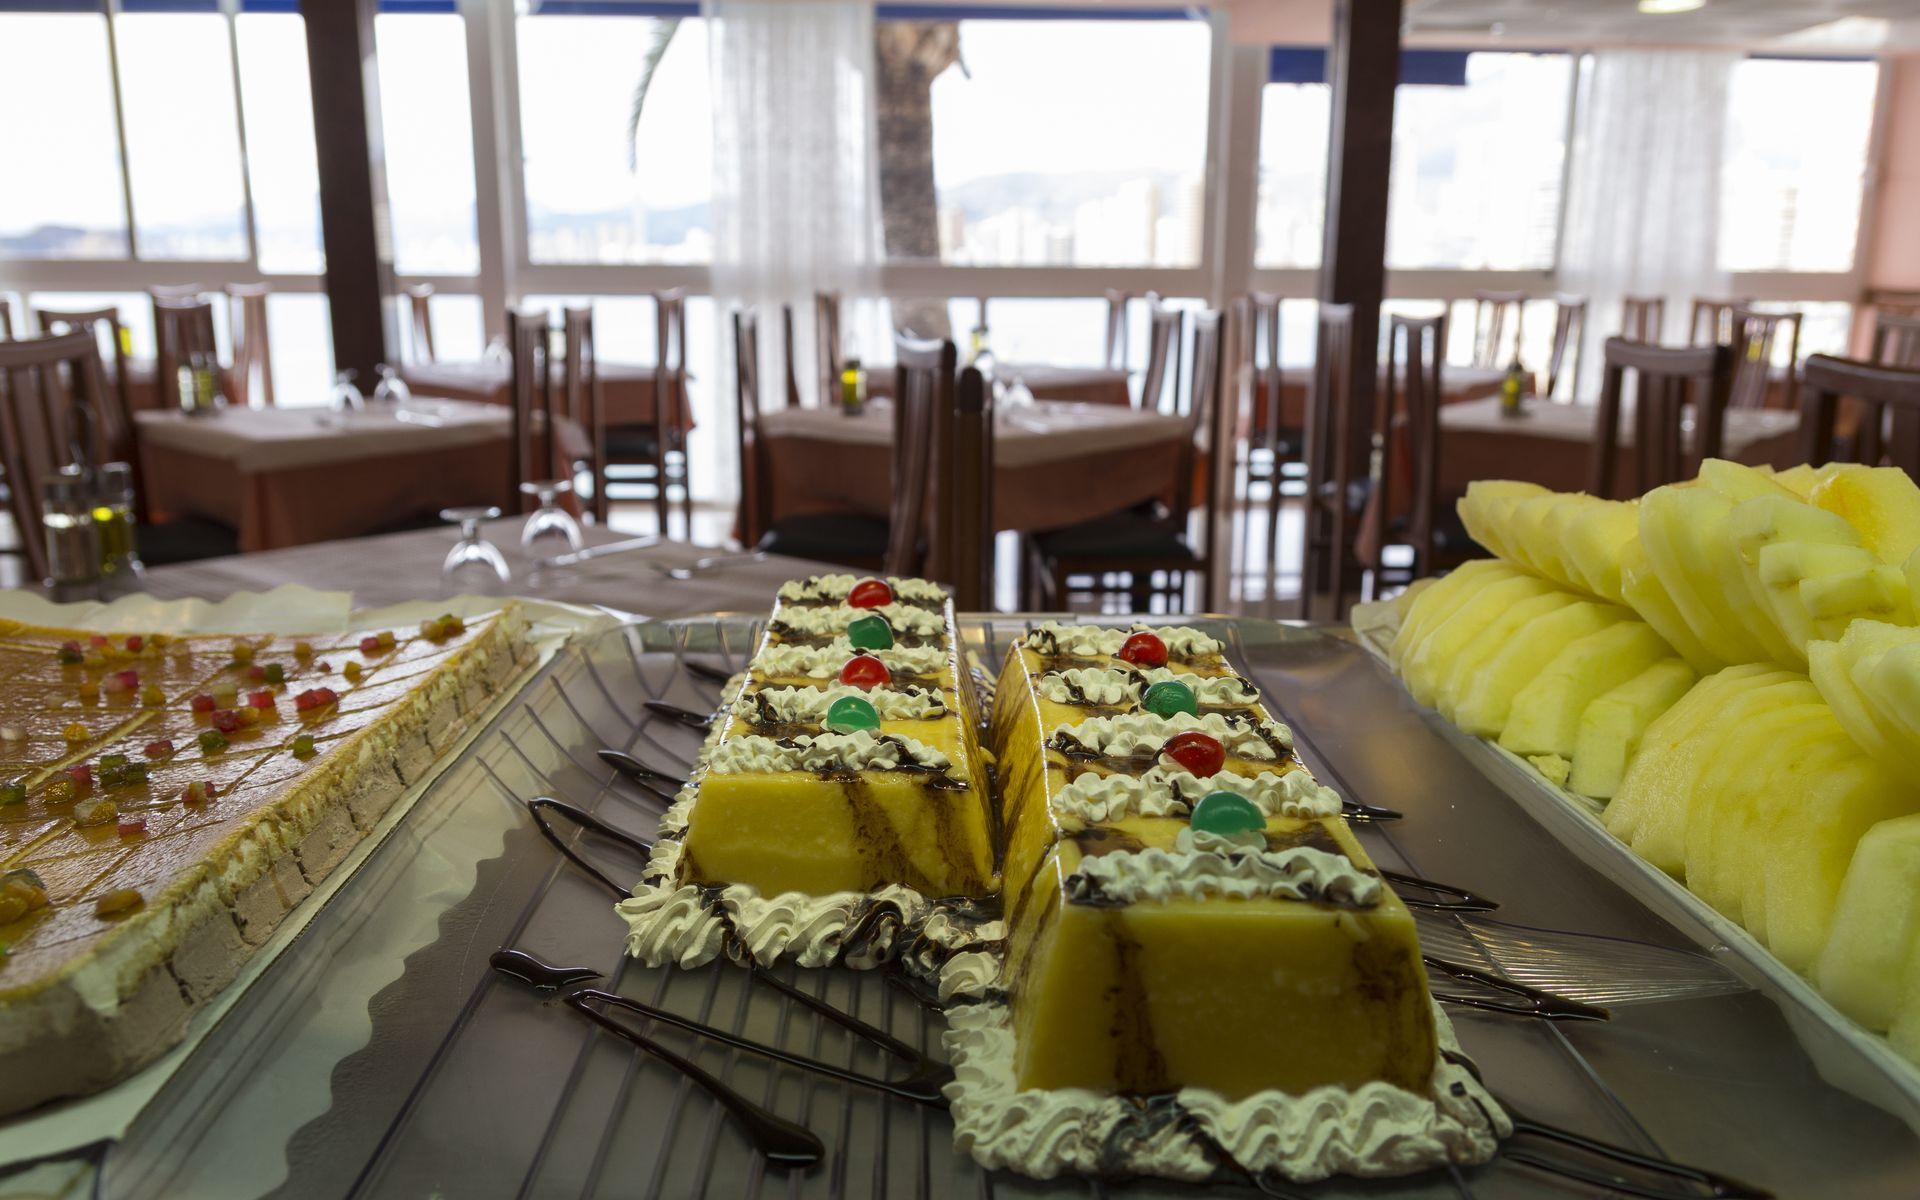 Hotel lido benidorm en benidorm costa blanca - Restaurante el puerto benidorm ...